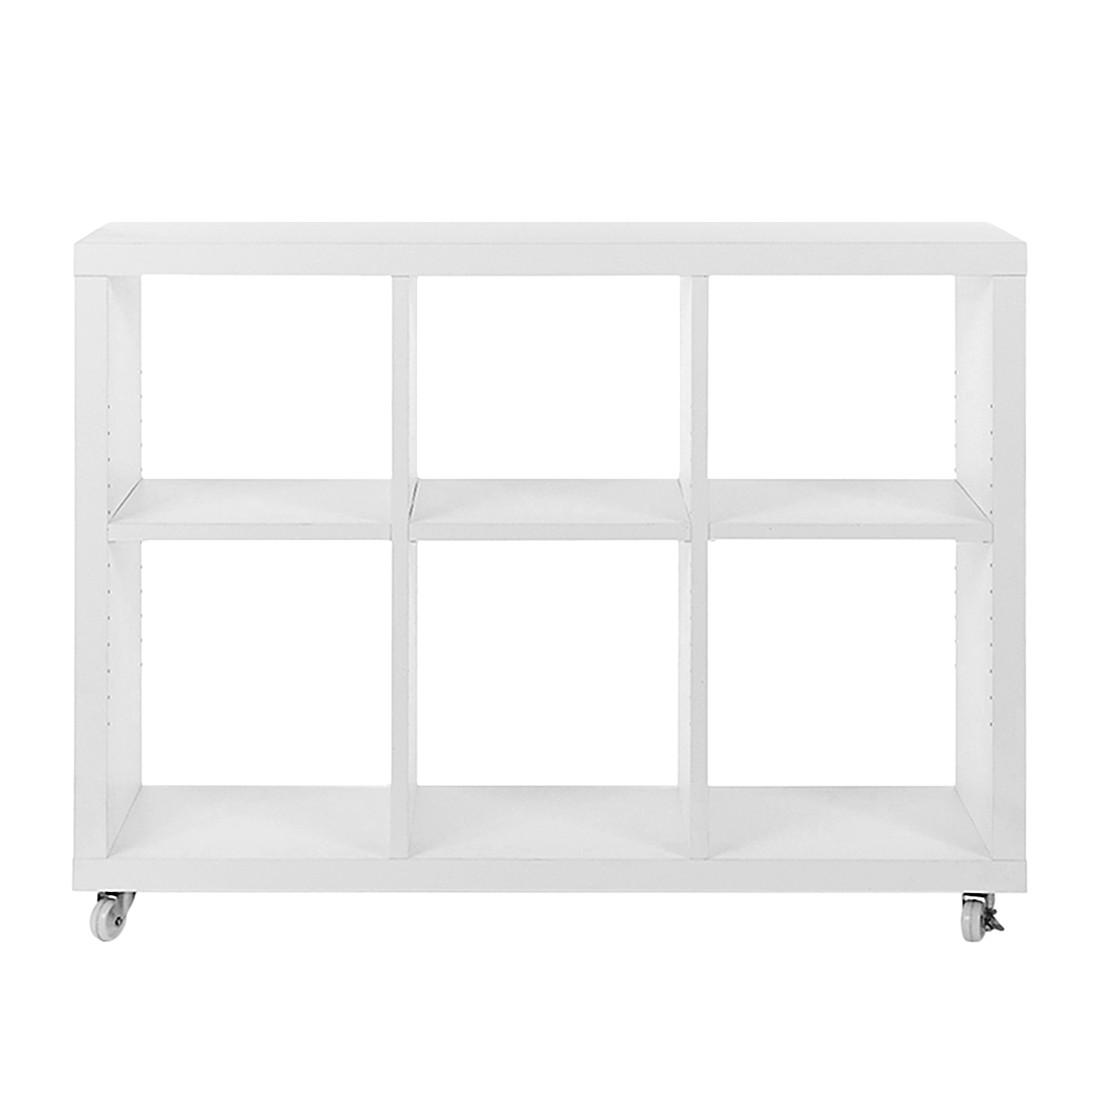 Rollregal – Faserholz – Weiß, PureDay günstig online kaufen